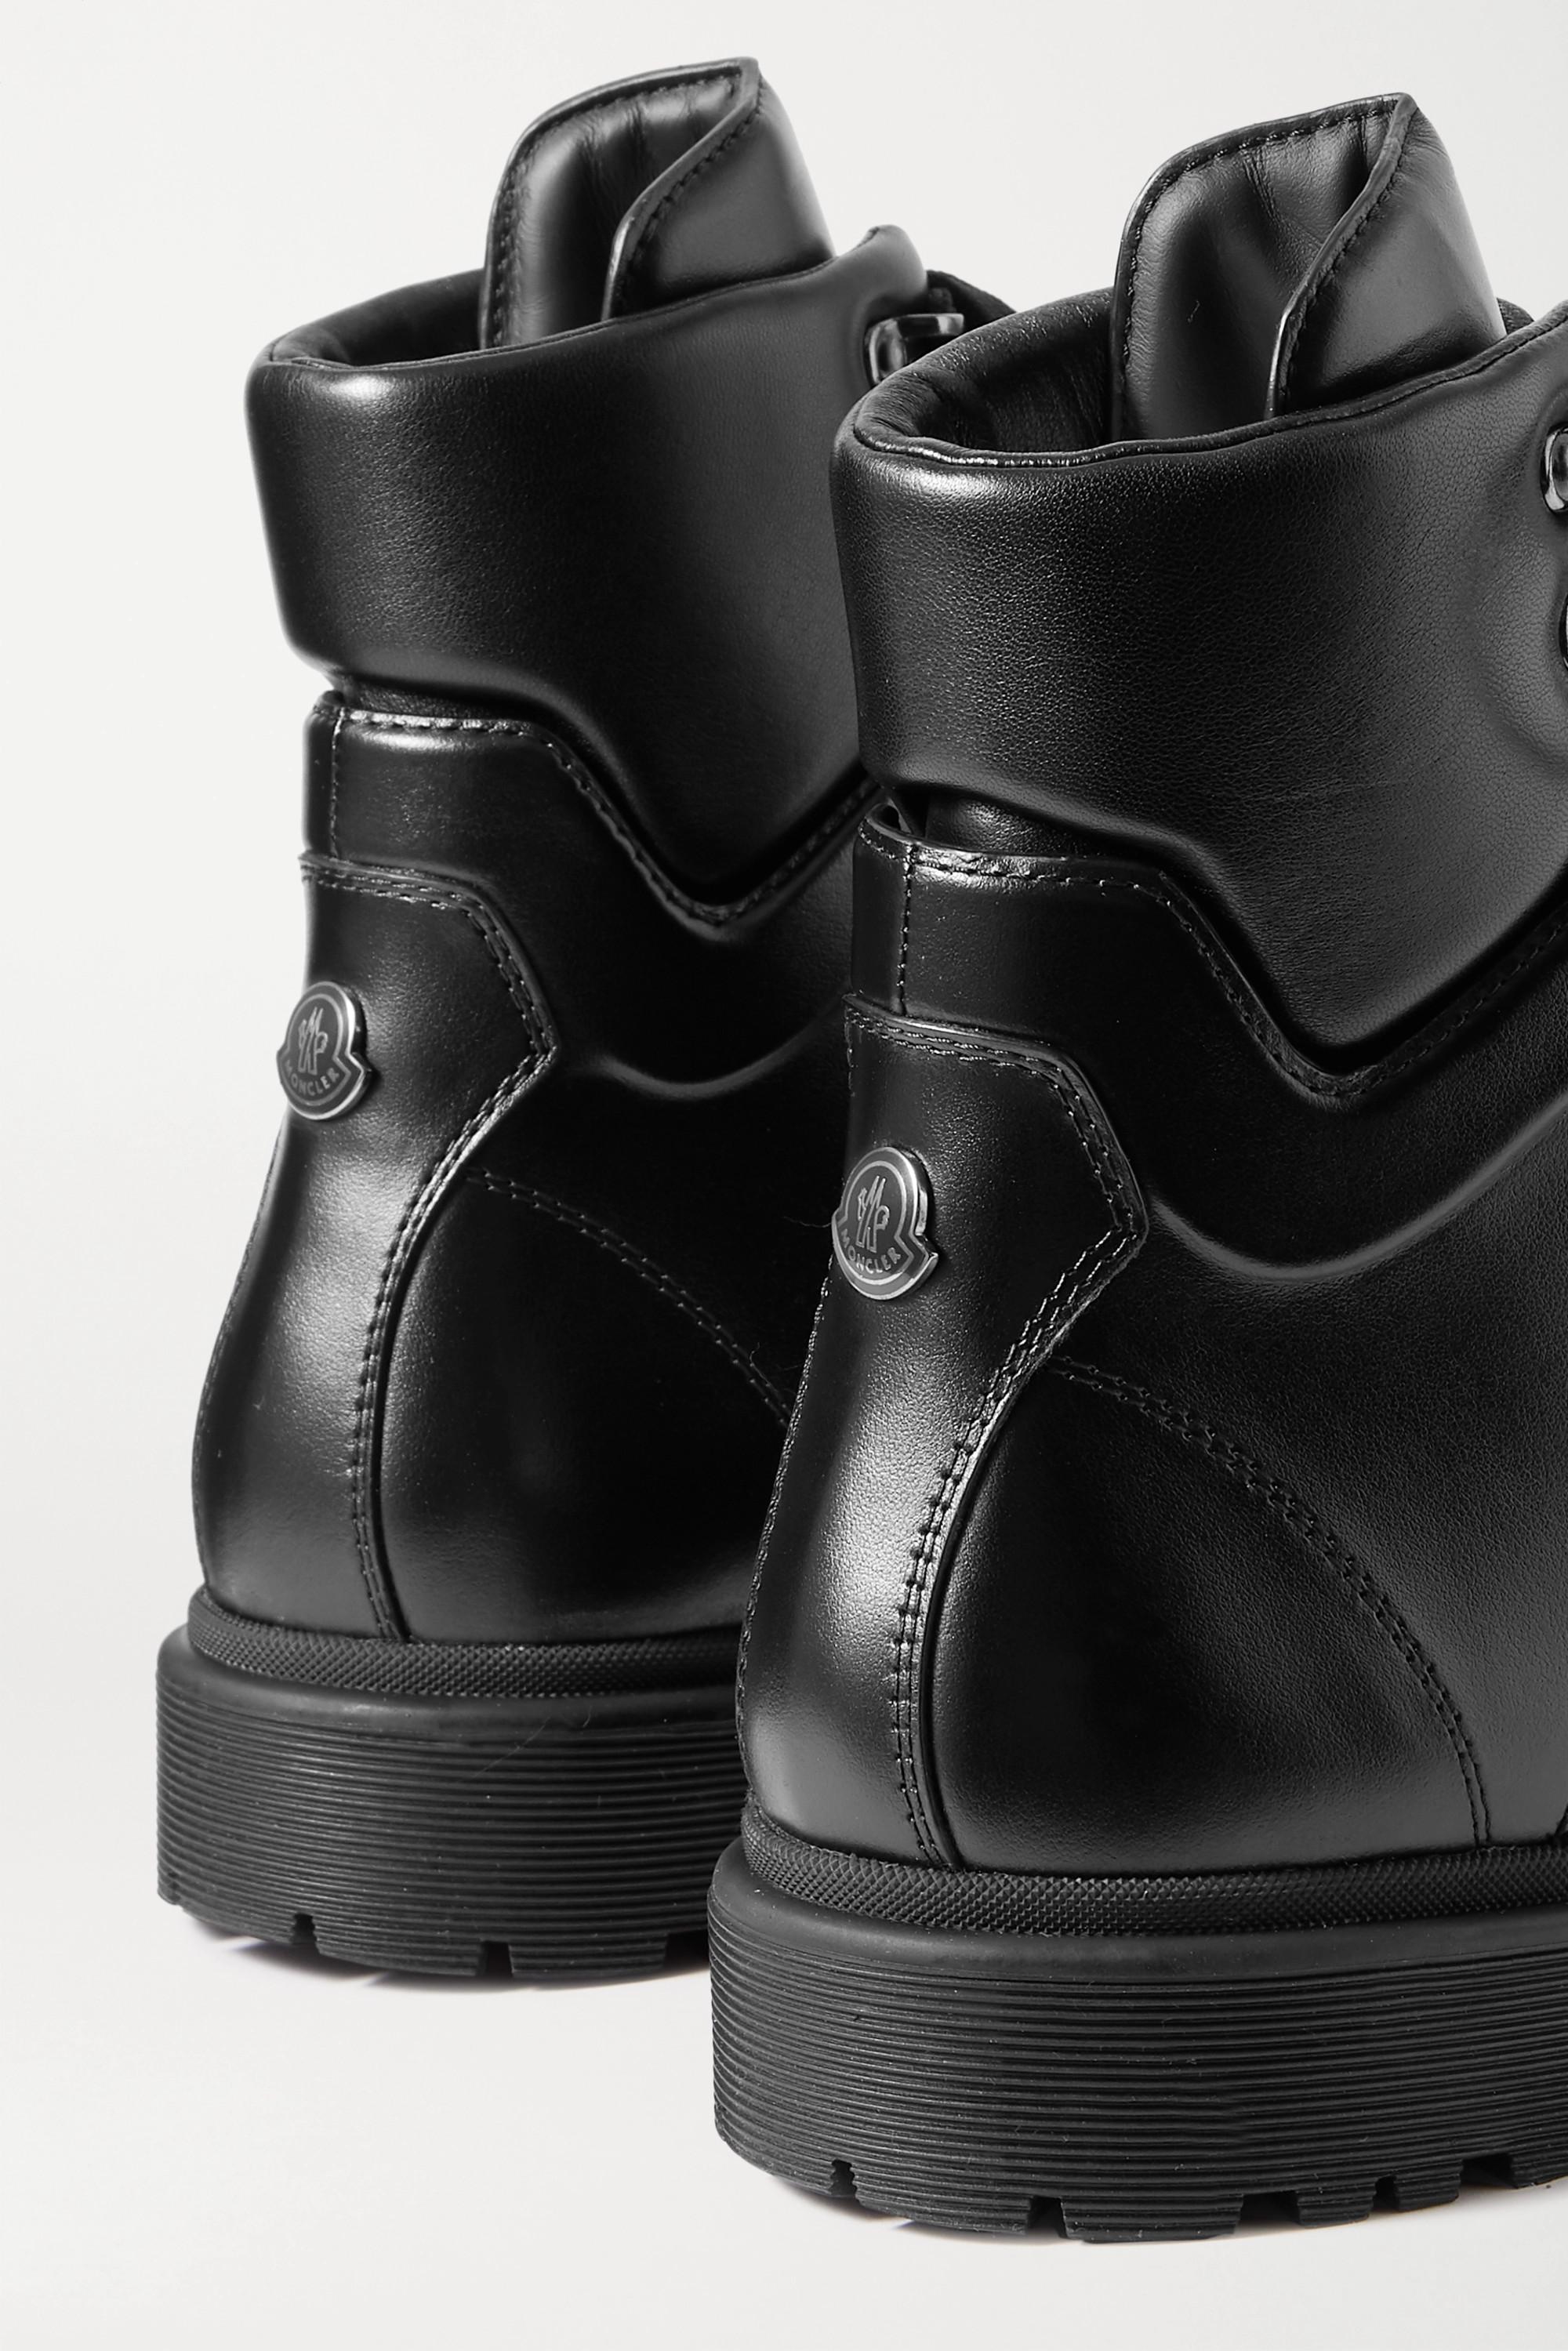 Moncler Patty 皮革踝靴